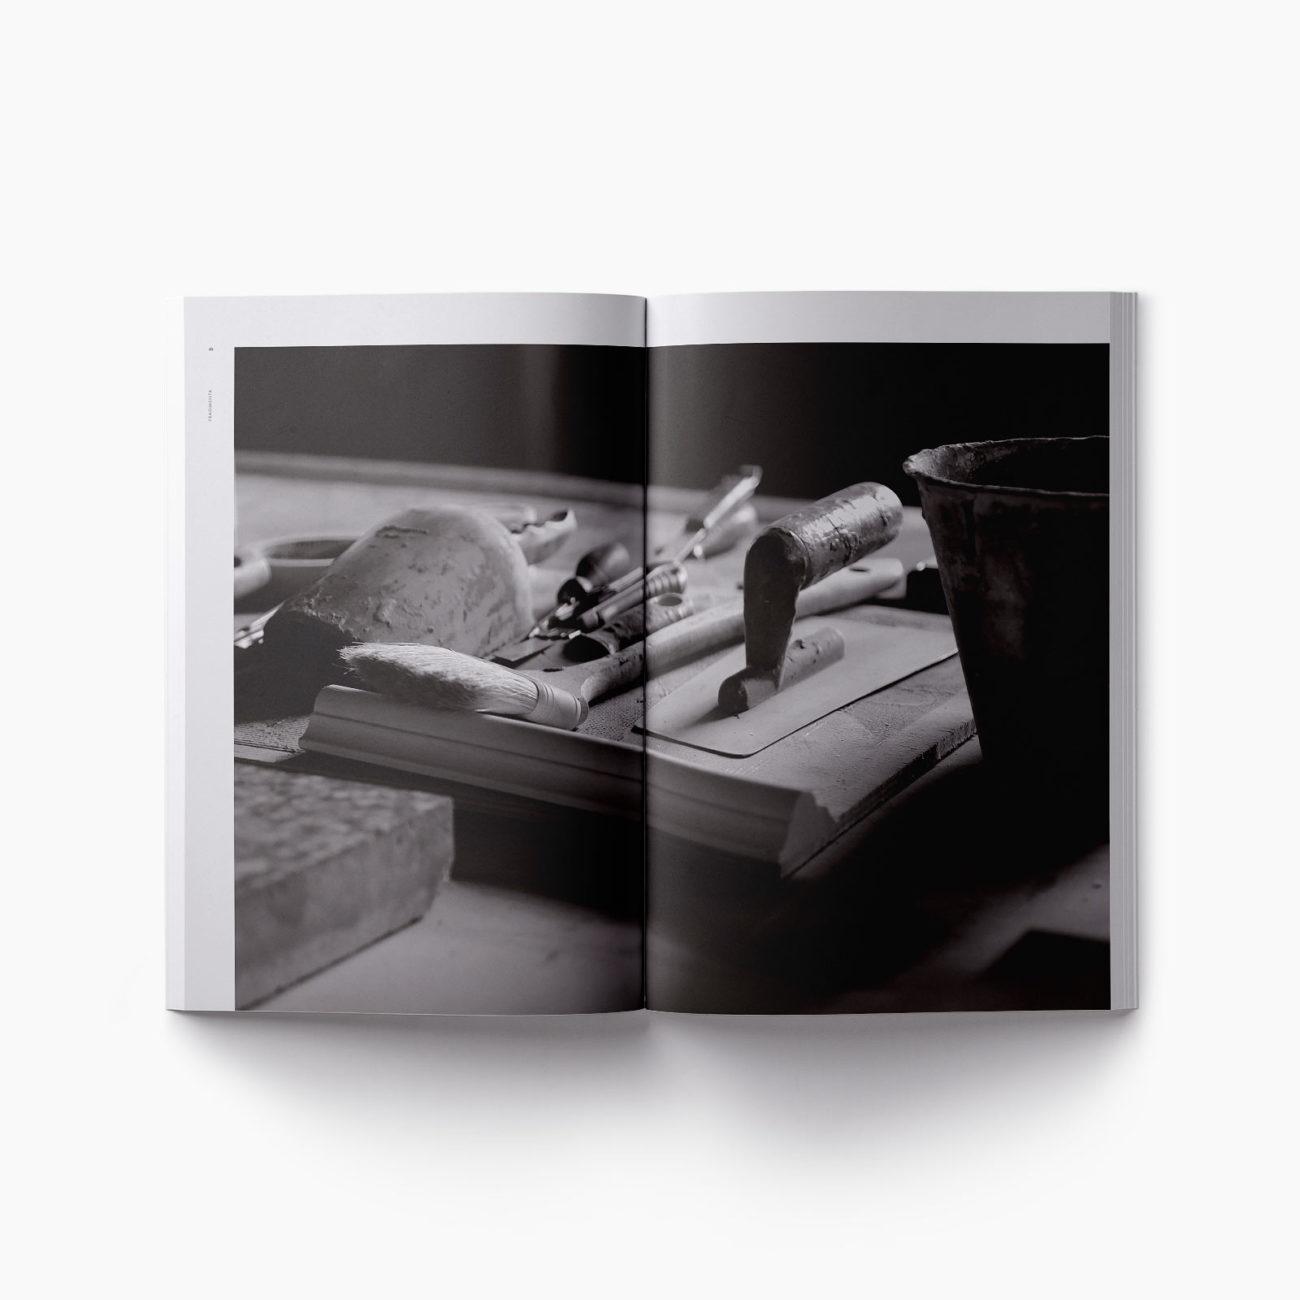 Dettaglio lavorazione catalogo Fragmenta